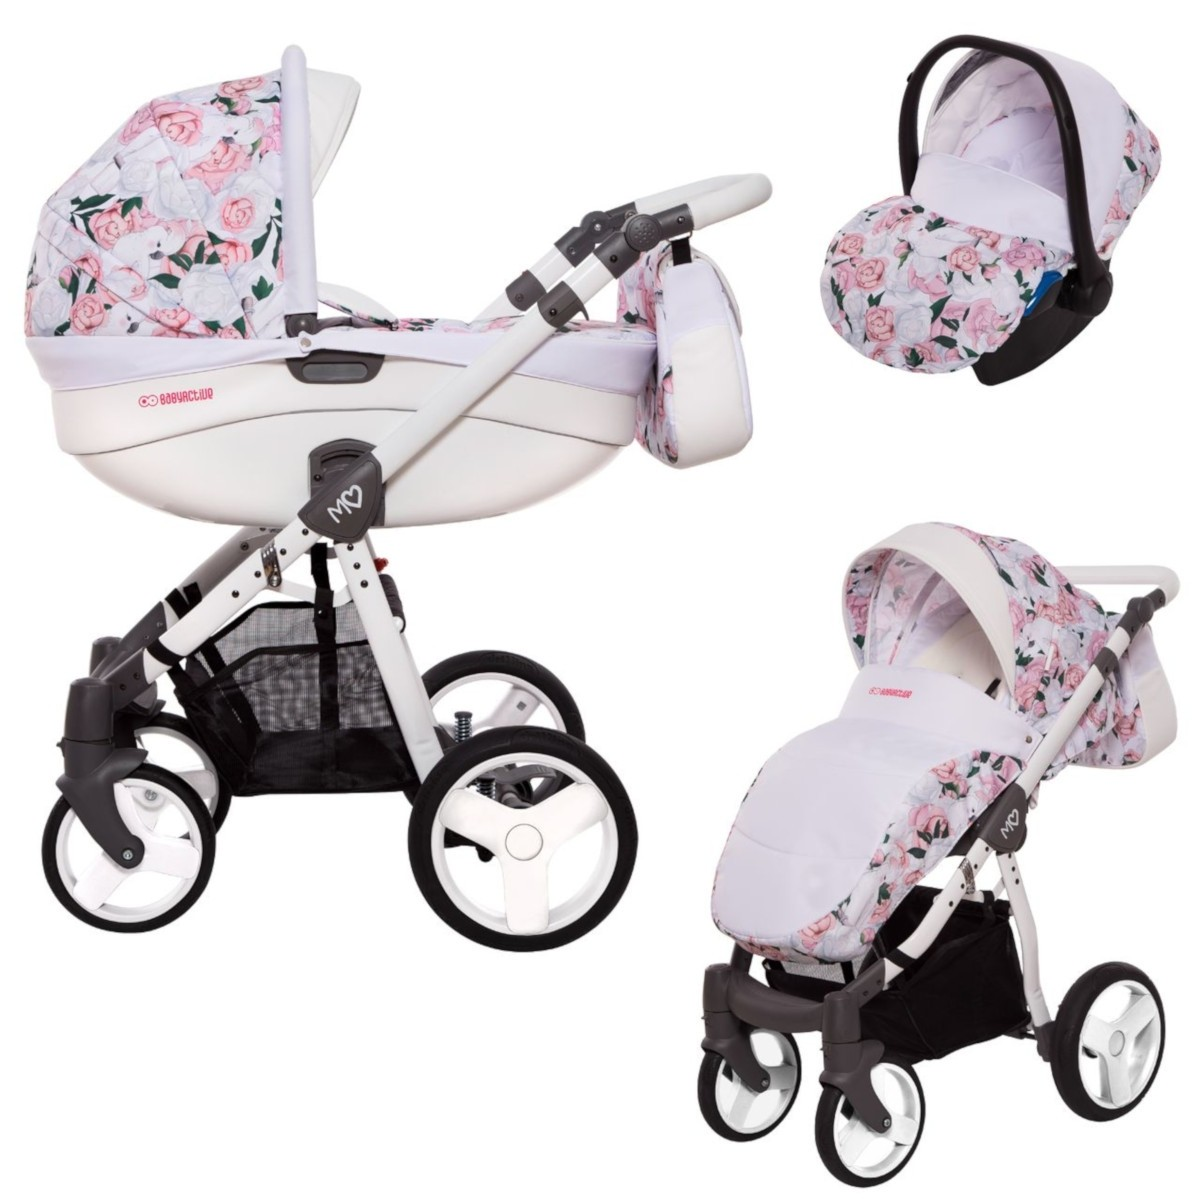 MOMMY Kombi Kinderwagen 2in1 mit Babywanne + Sportwagenaufsatz / Buggy oder 3in1 + Babyschale / Autoschale, Peony - Pfingstrose